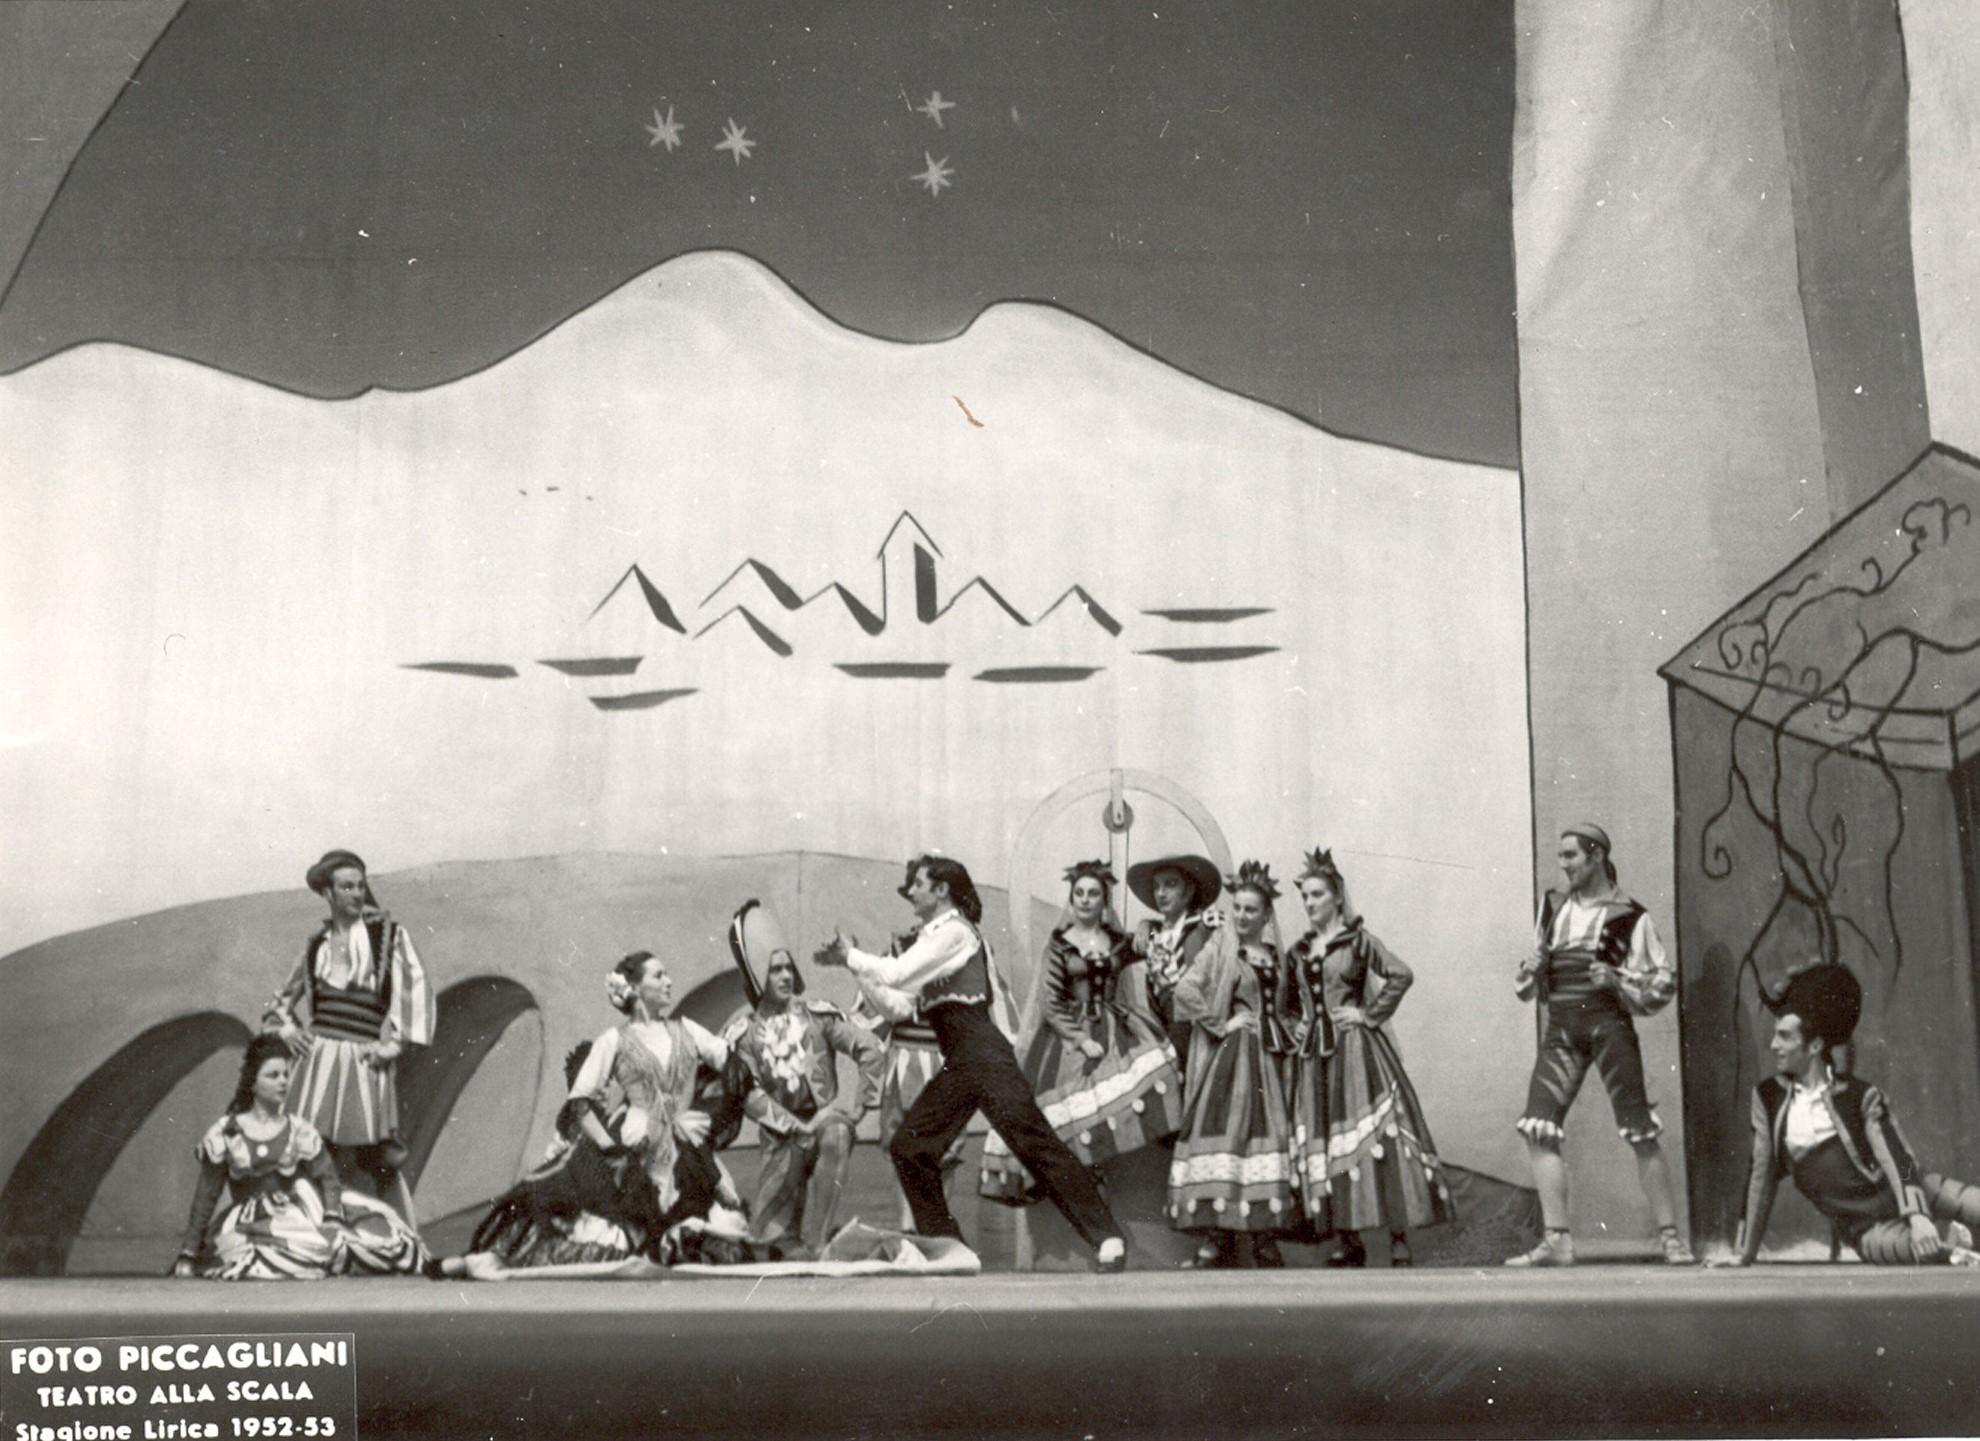 Mariemma y Antonio en La Scala de Milán protagonizando El sombrero de tres picos de Leonide Massine. Temporada 1952-53